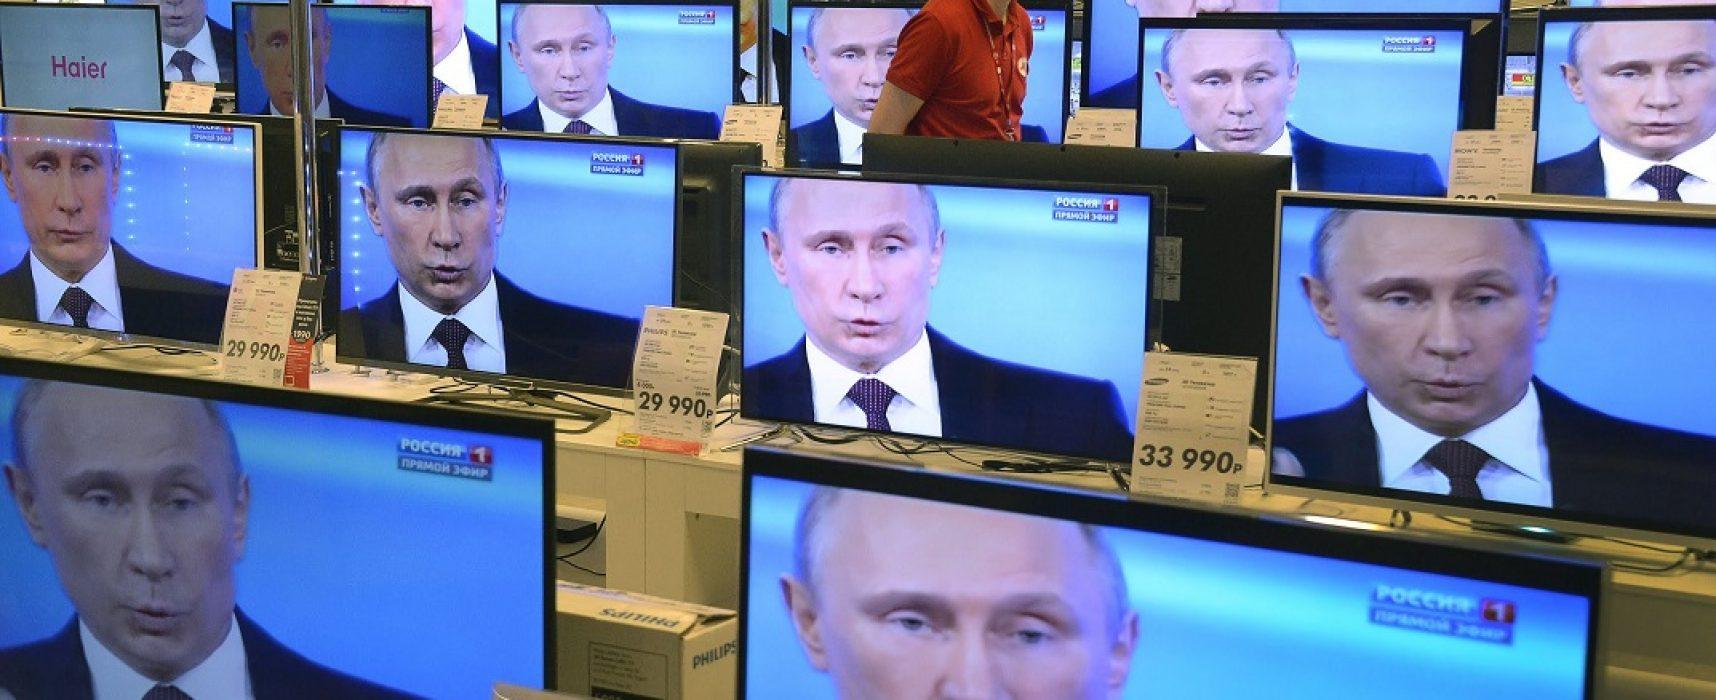 «Эти телеканалы и есть русские танки». В Кишиневе обсудили способы борьбы с российской пропагандой